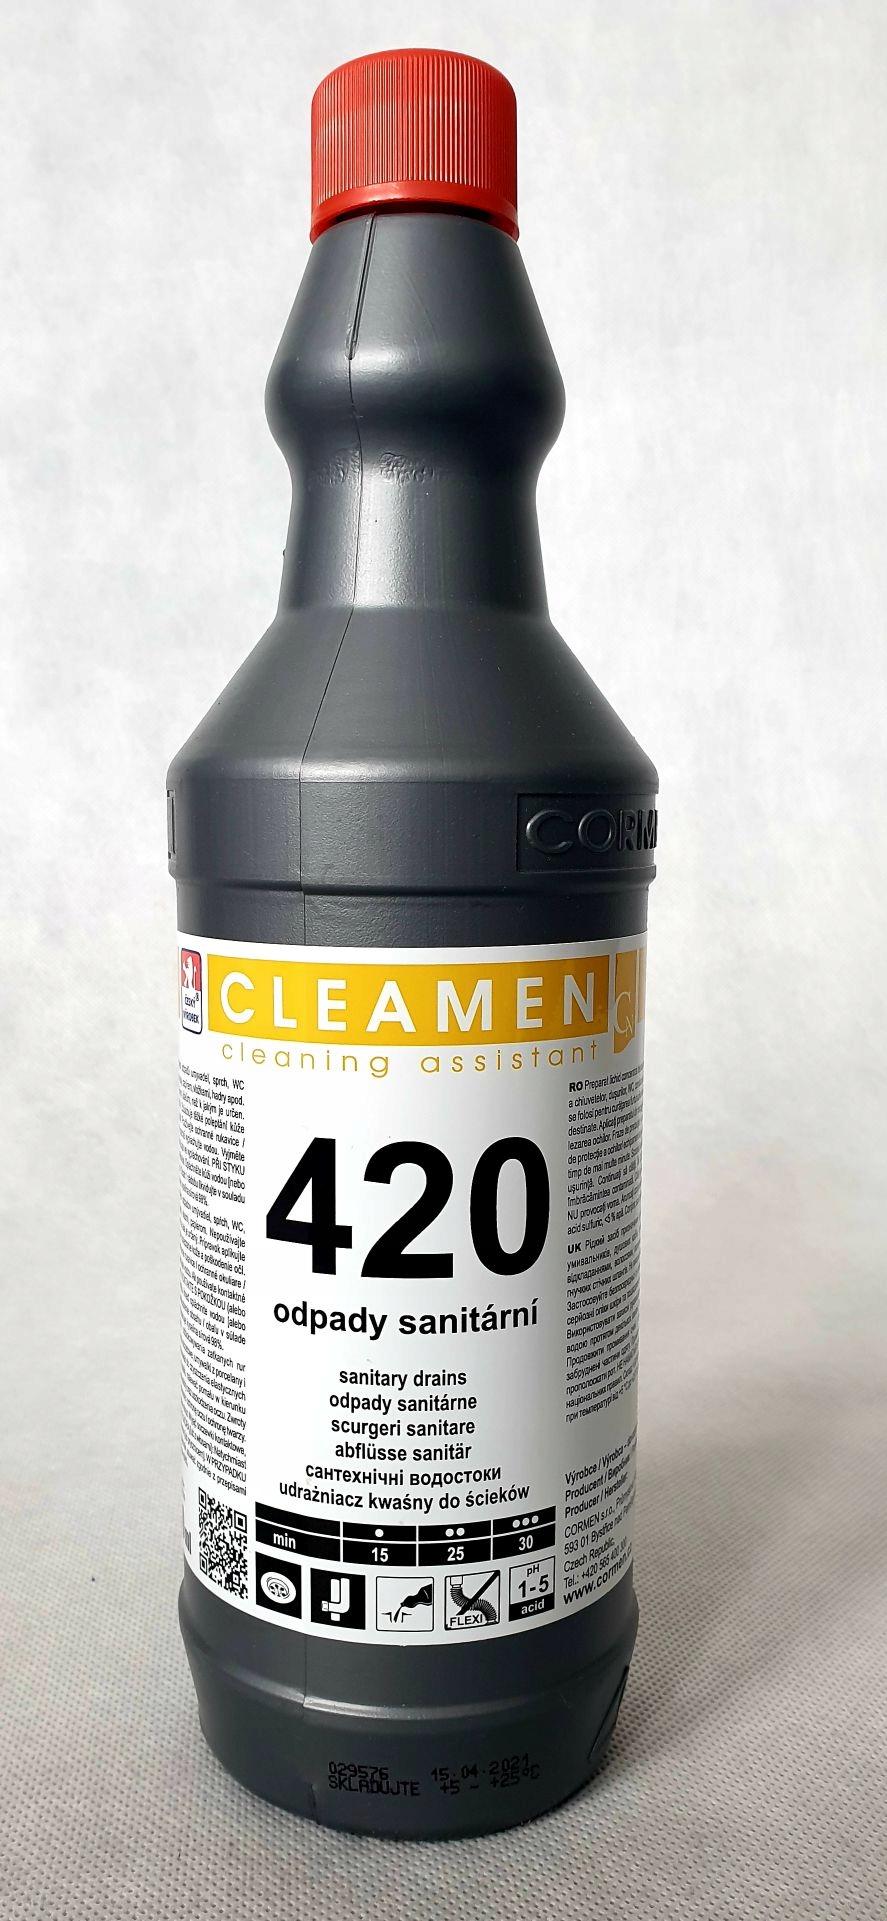 CLEAMEN 420 UDRAŻNIACZ ODPŁYWÓW SANITARNYCH